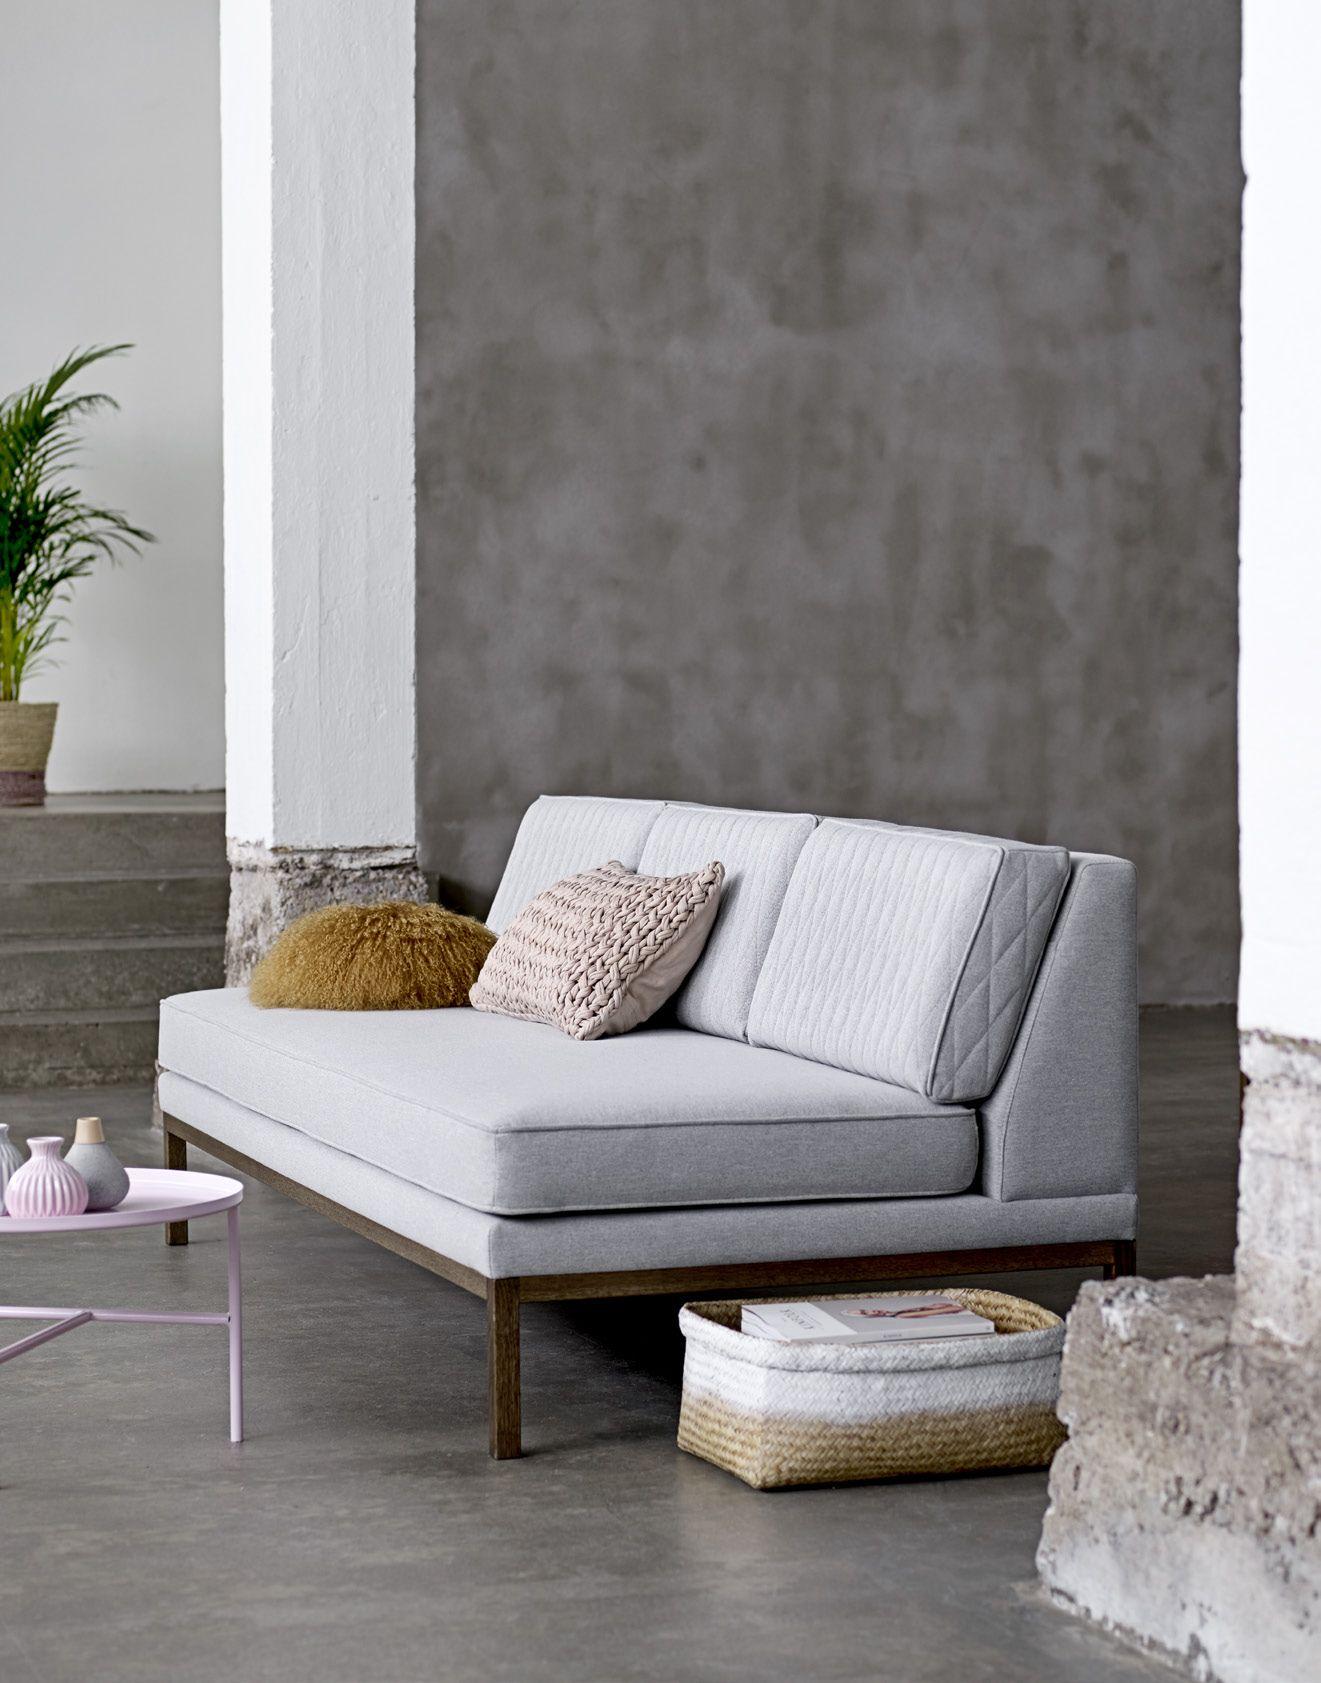 Kontormøbler - Danmarks største, flotteste miljørigtige og kvalitetsbevidste samt holdbare møbler til kontor, skoler og alle erhvervstyper.